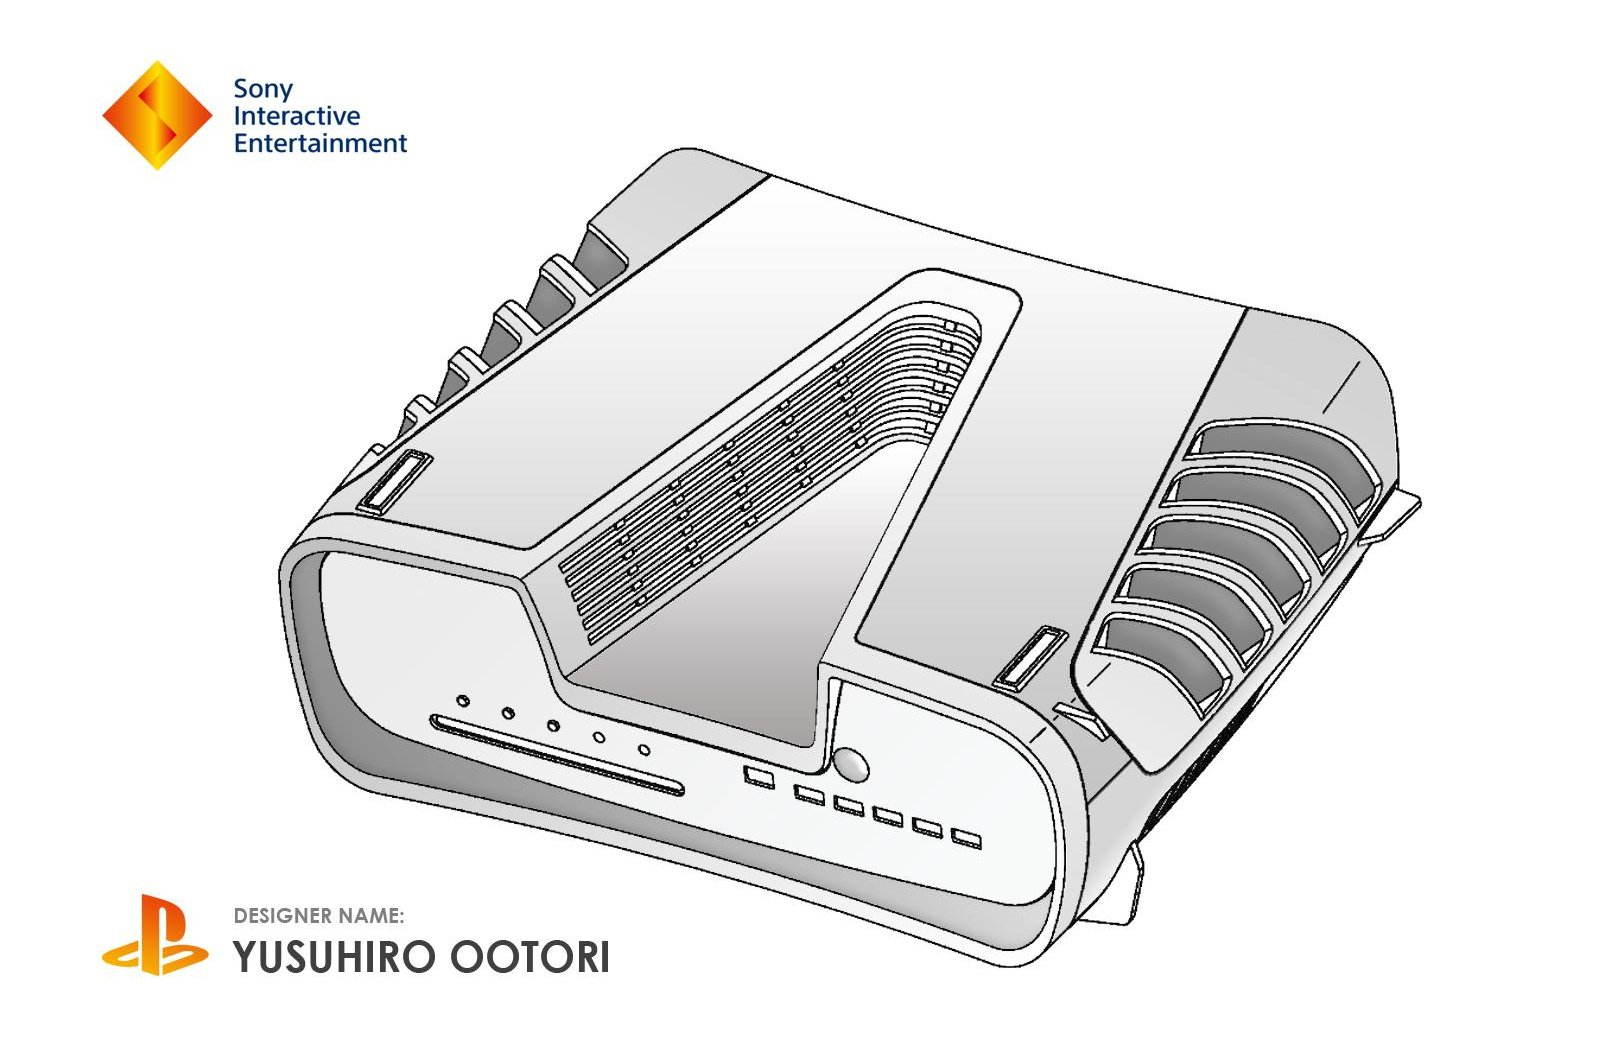 Sony dépose un brevet pour une PS5 au Brésil